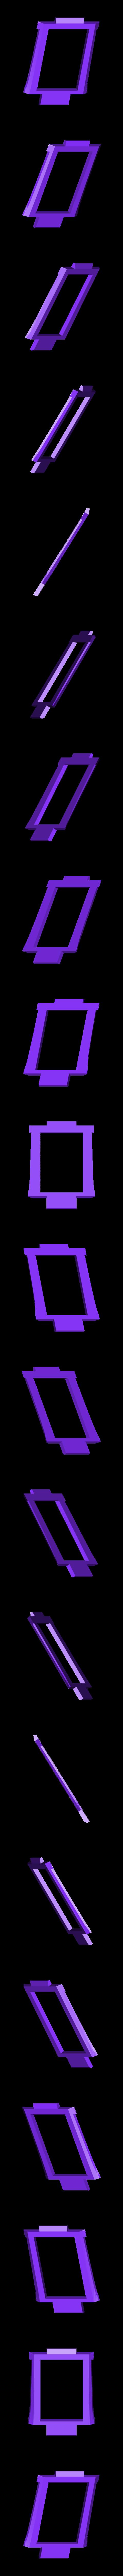 canopy v3 pt2.stl Download free STL file TRANSFORMERS G1 ROTORSTORM ARTICULATION UPGRADE KIT • 3D printable design, sickofyou